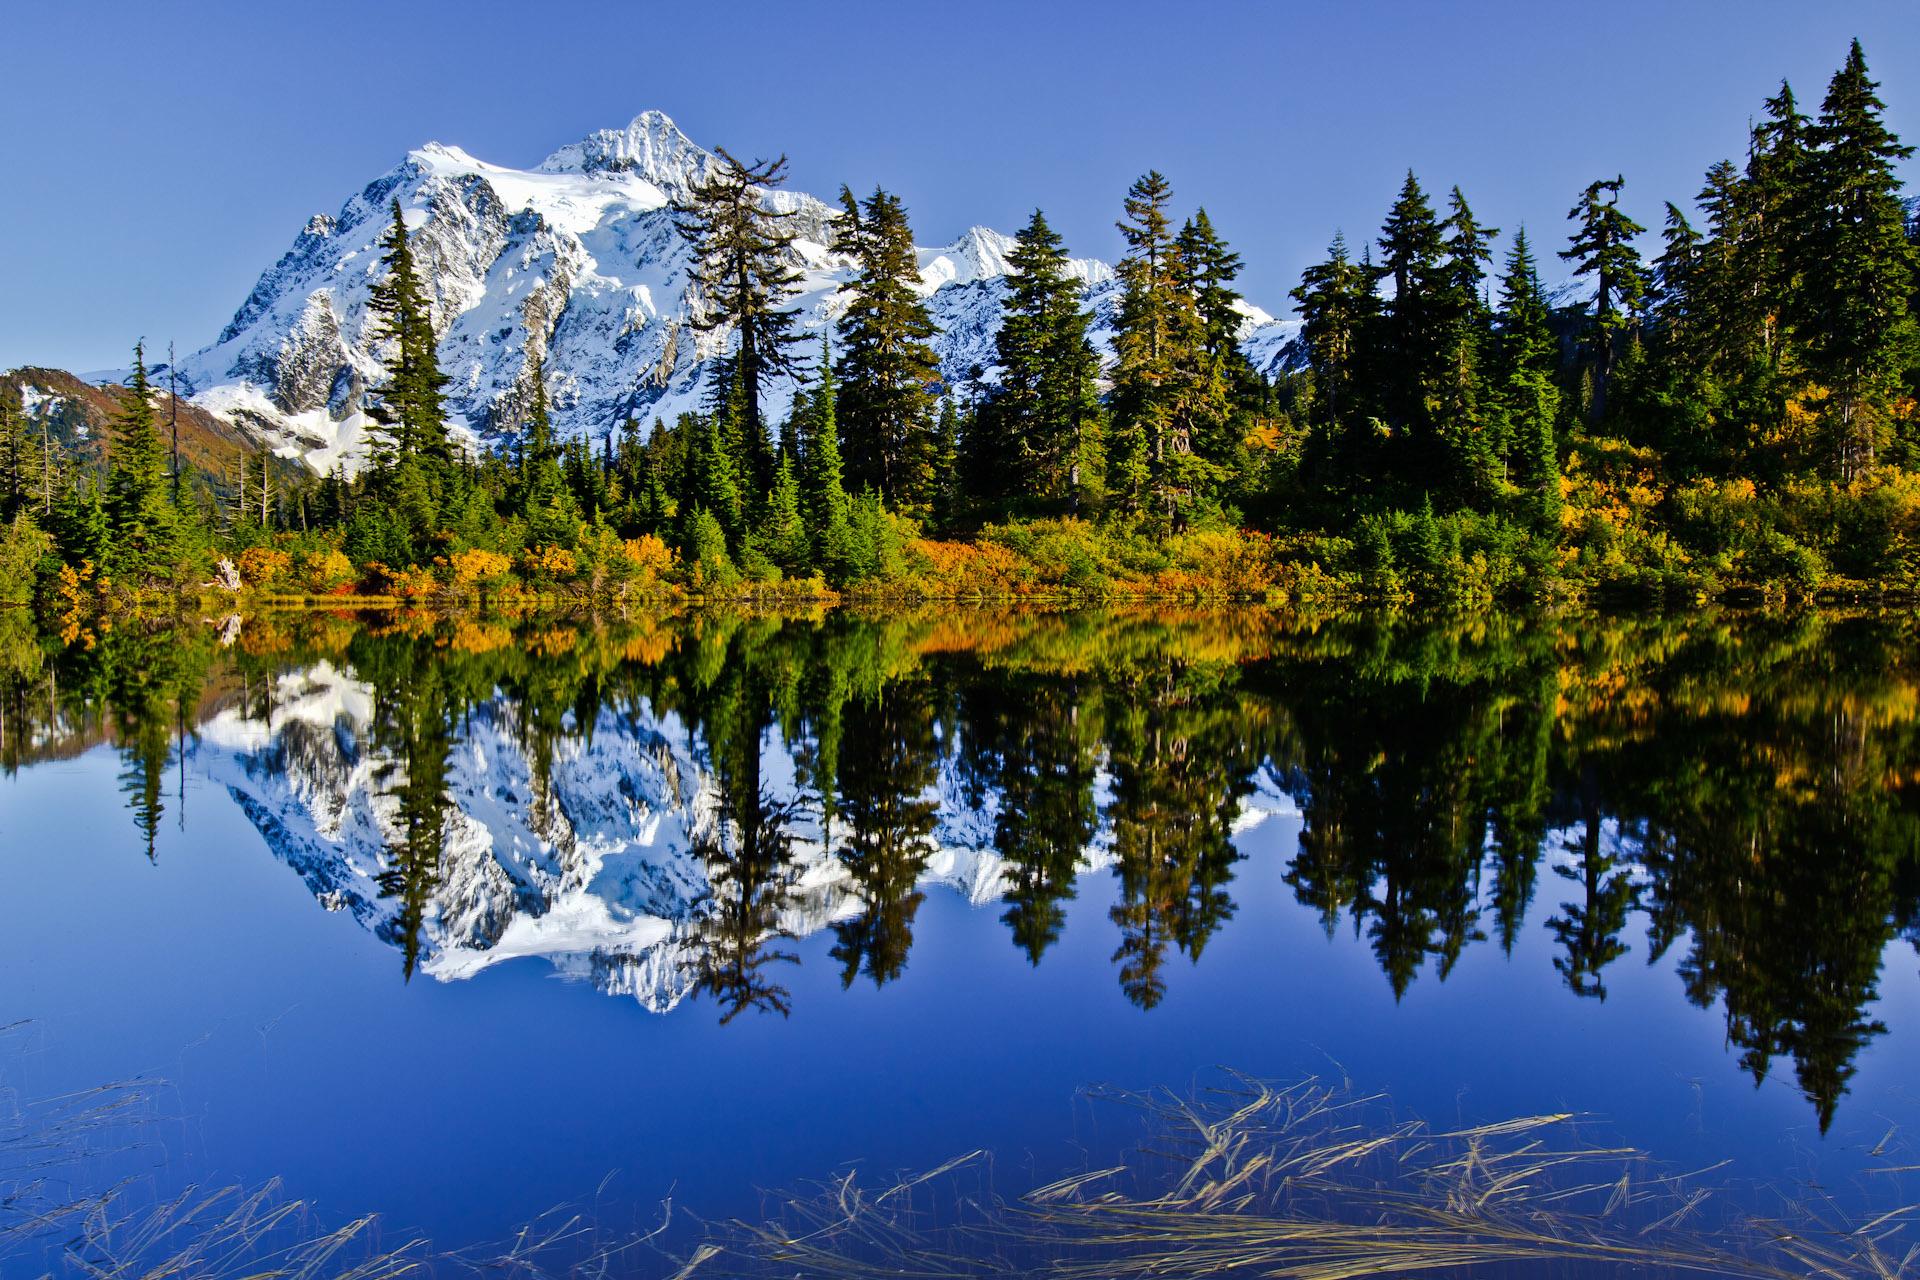 горы озеро деревья небо  № 3234919 бесплатно